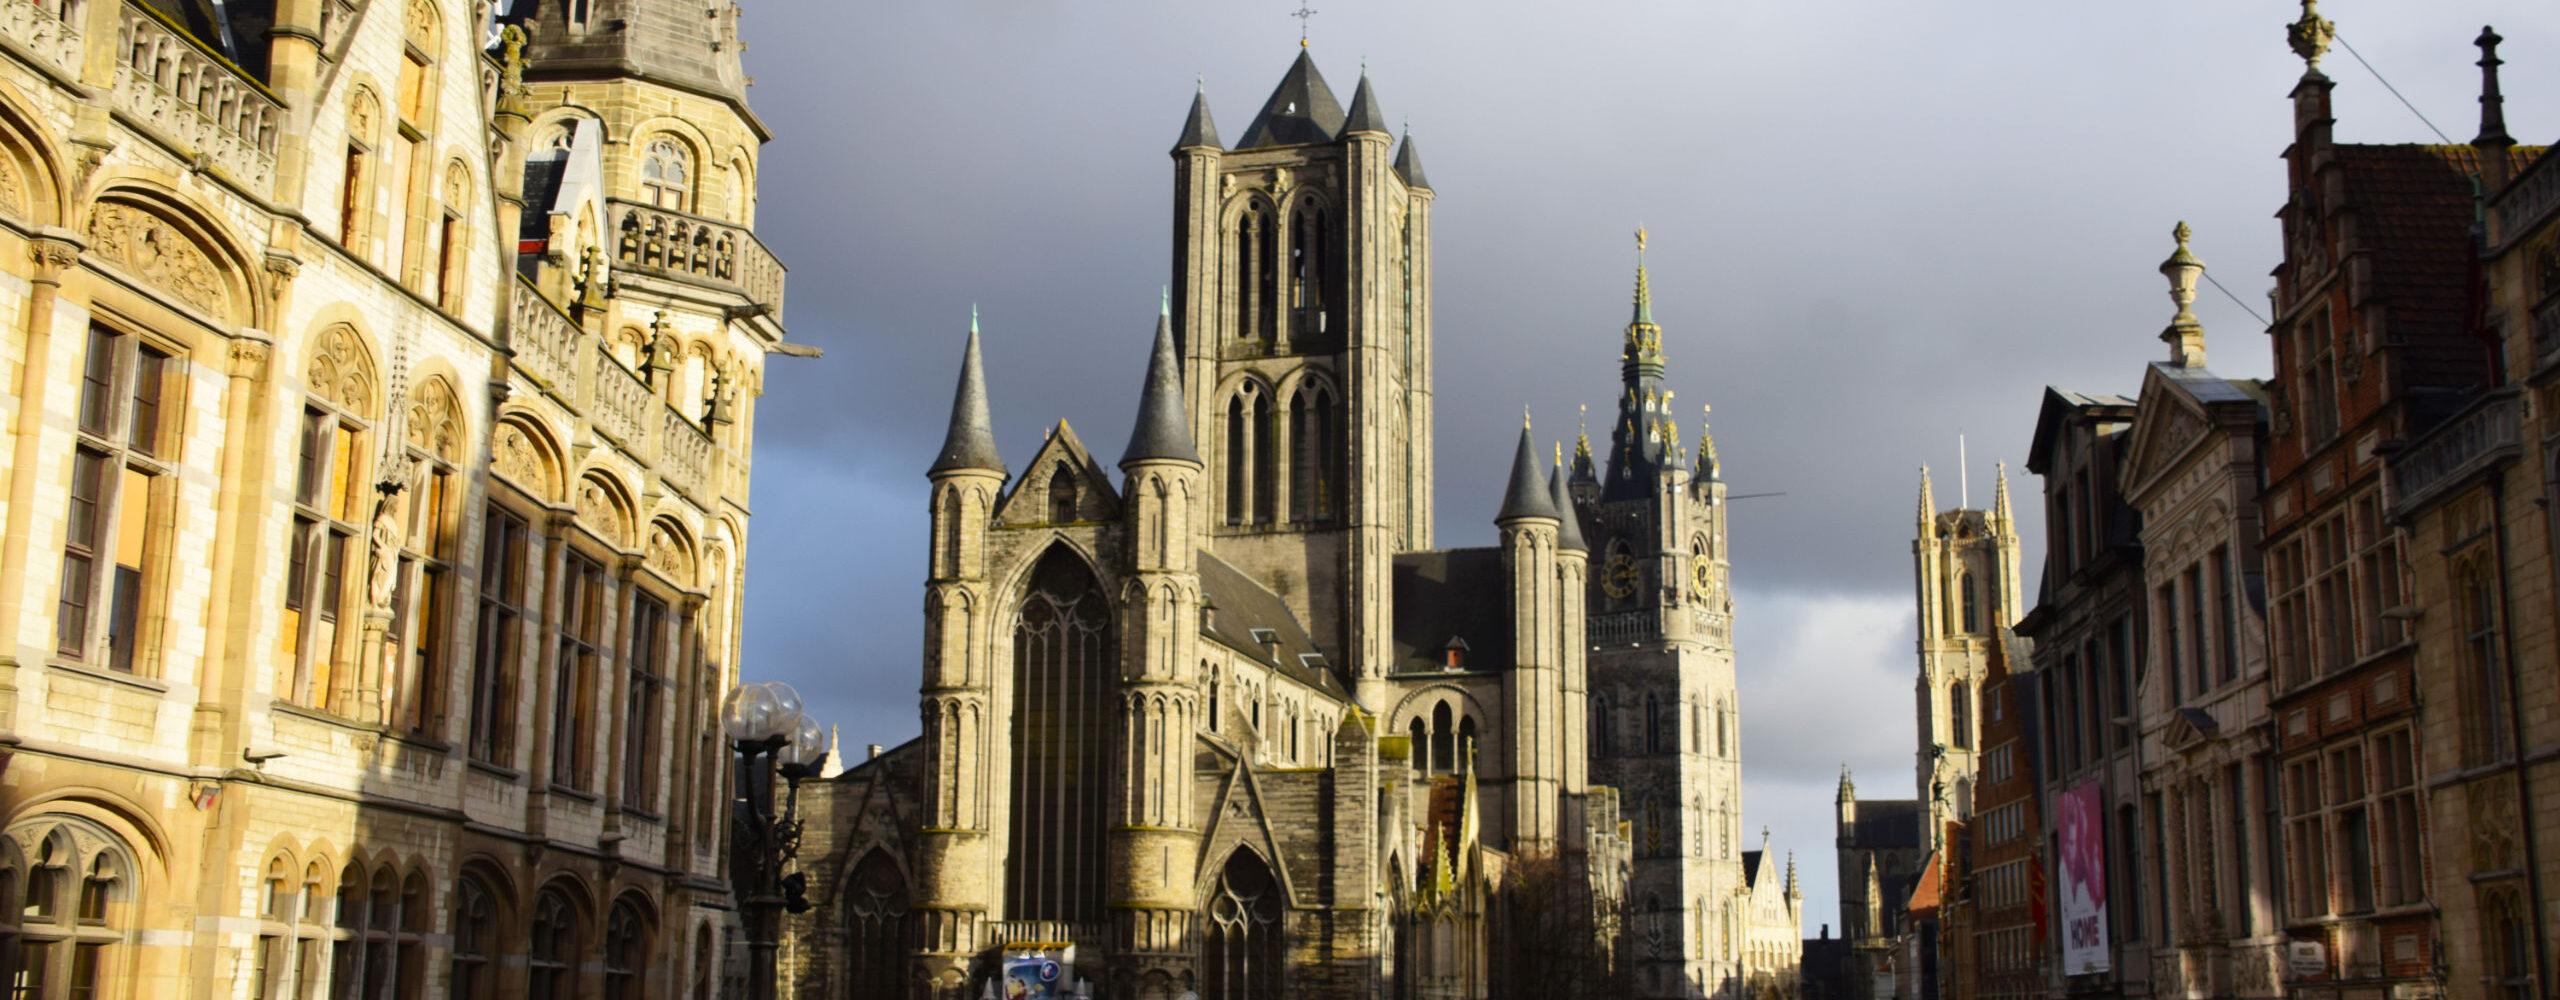 Великолепный Гент. Самый молодой древний город Бельгии.